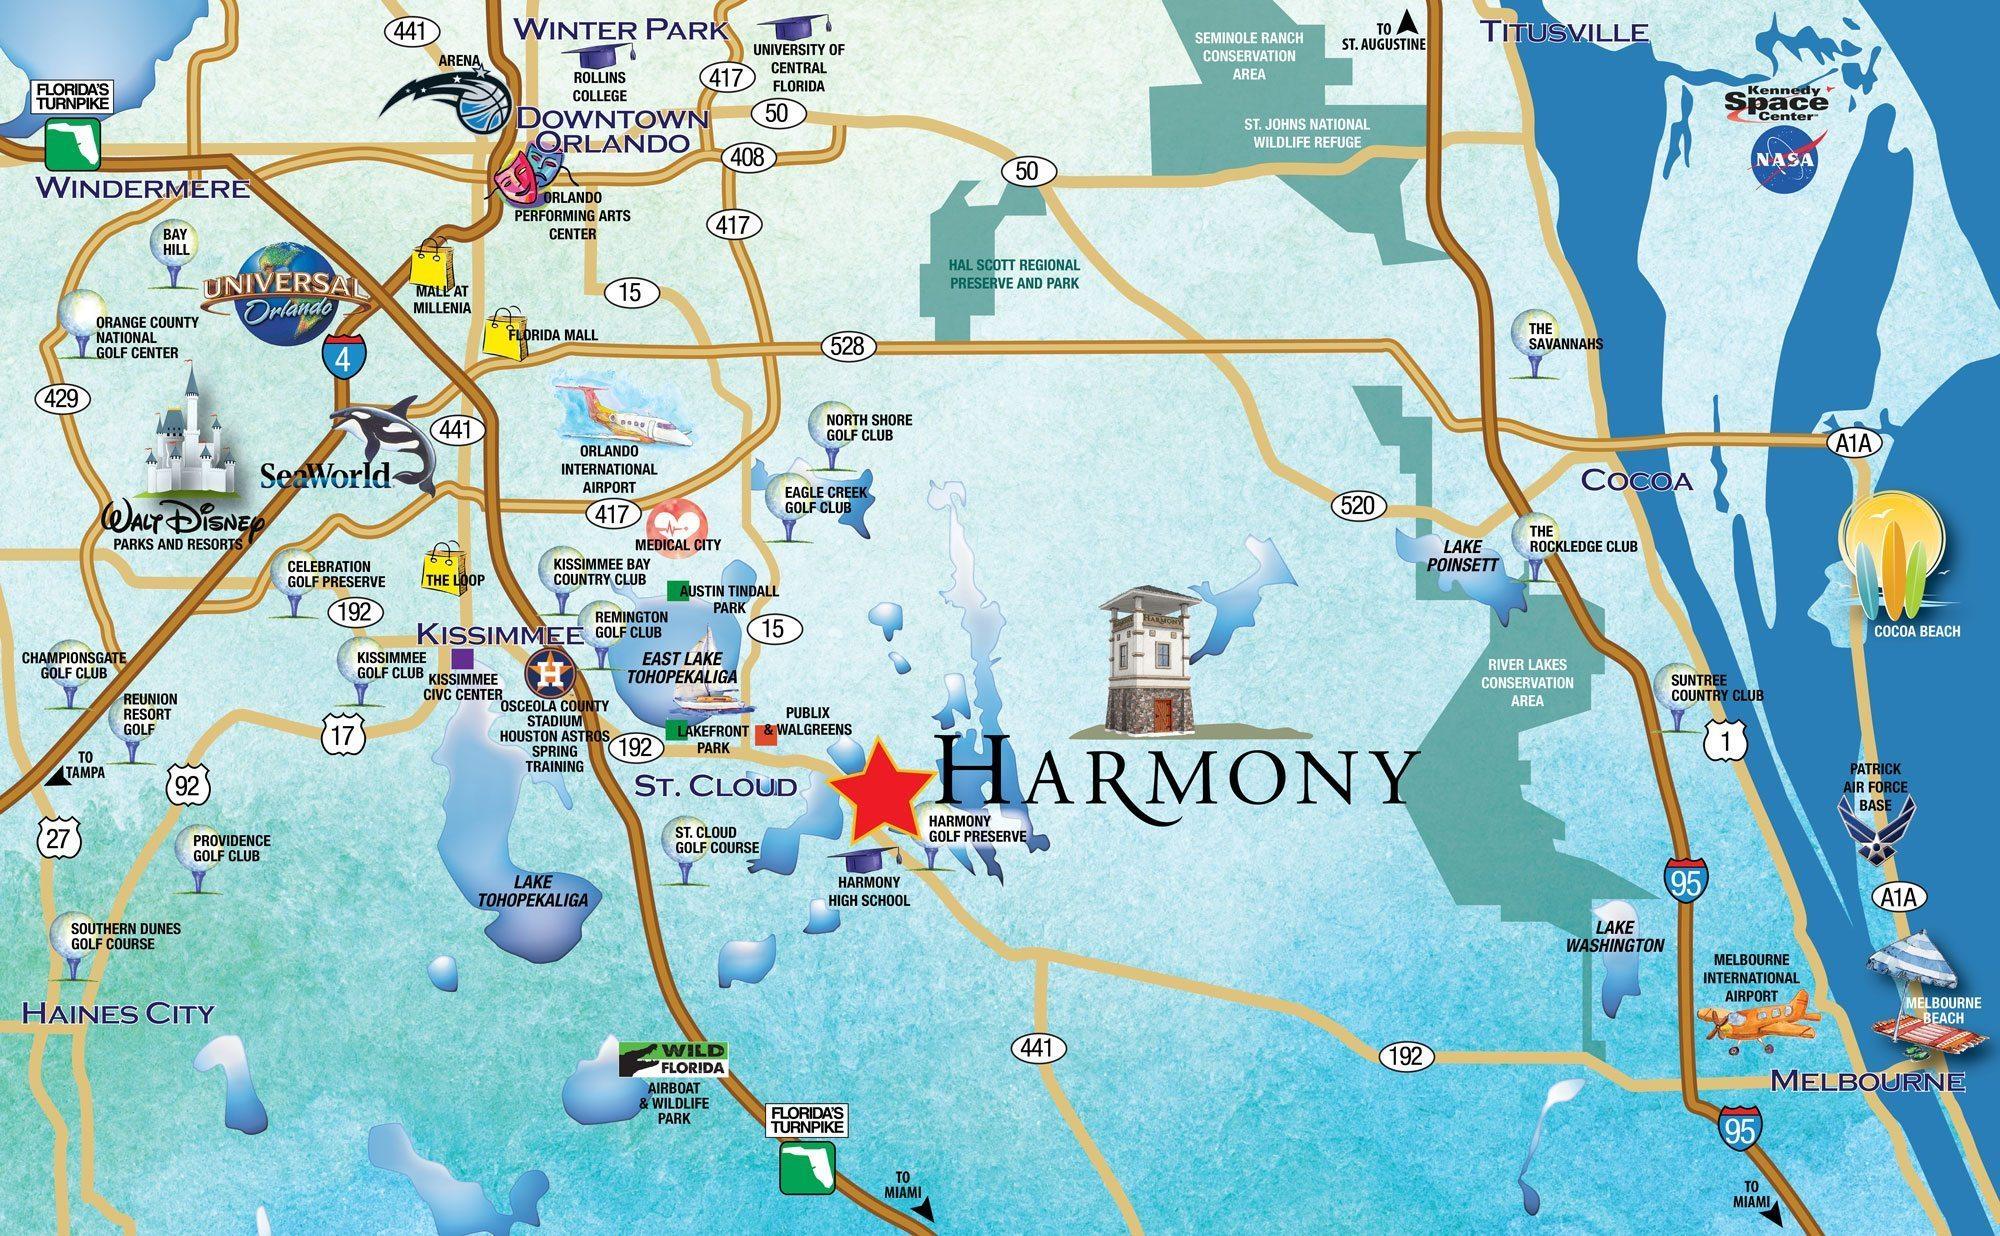 Metro-Orlando-Map-2 - Harmony, Fl - Harmony Florida Map